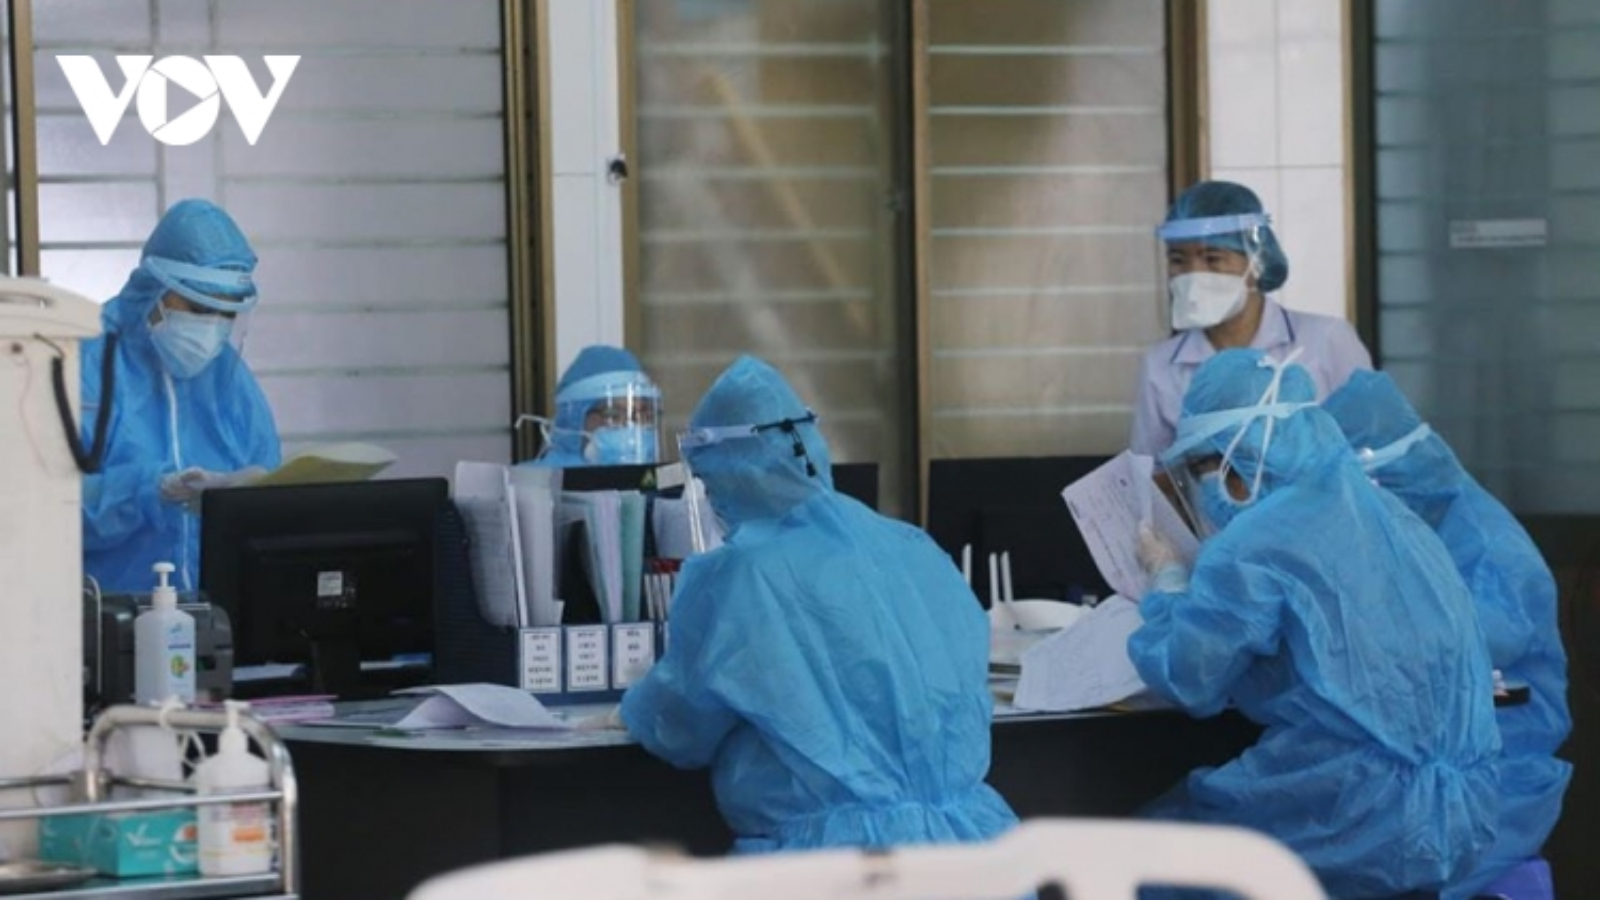 Ngày 30/11, Việt Nam có thêm 3 ca nhập cảnh mắc Covid-19